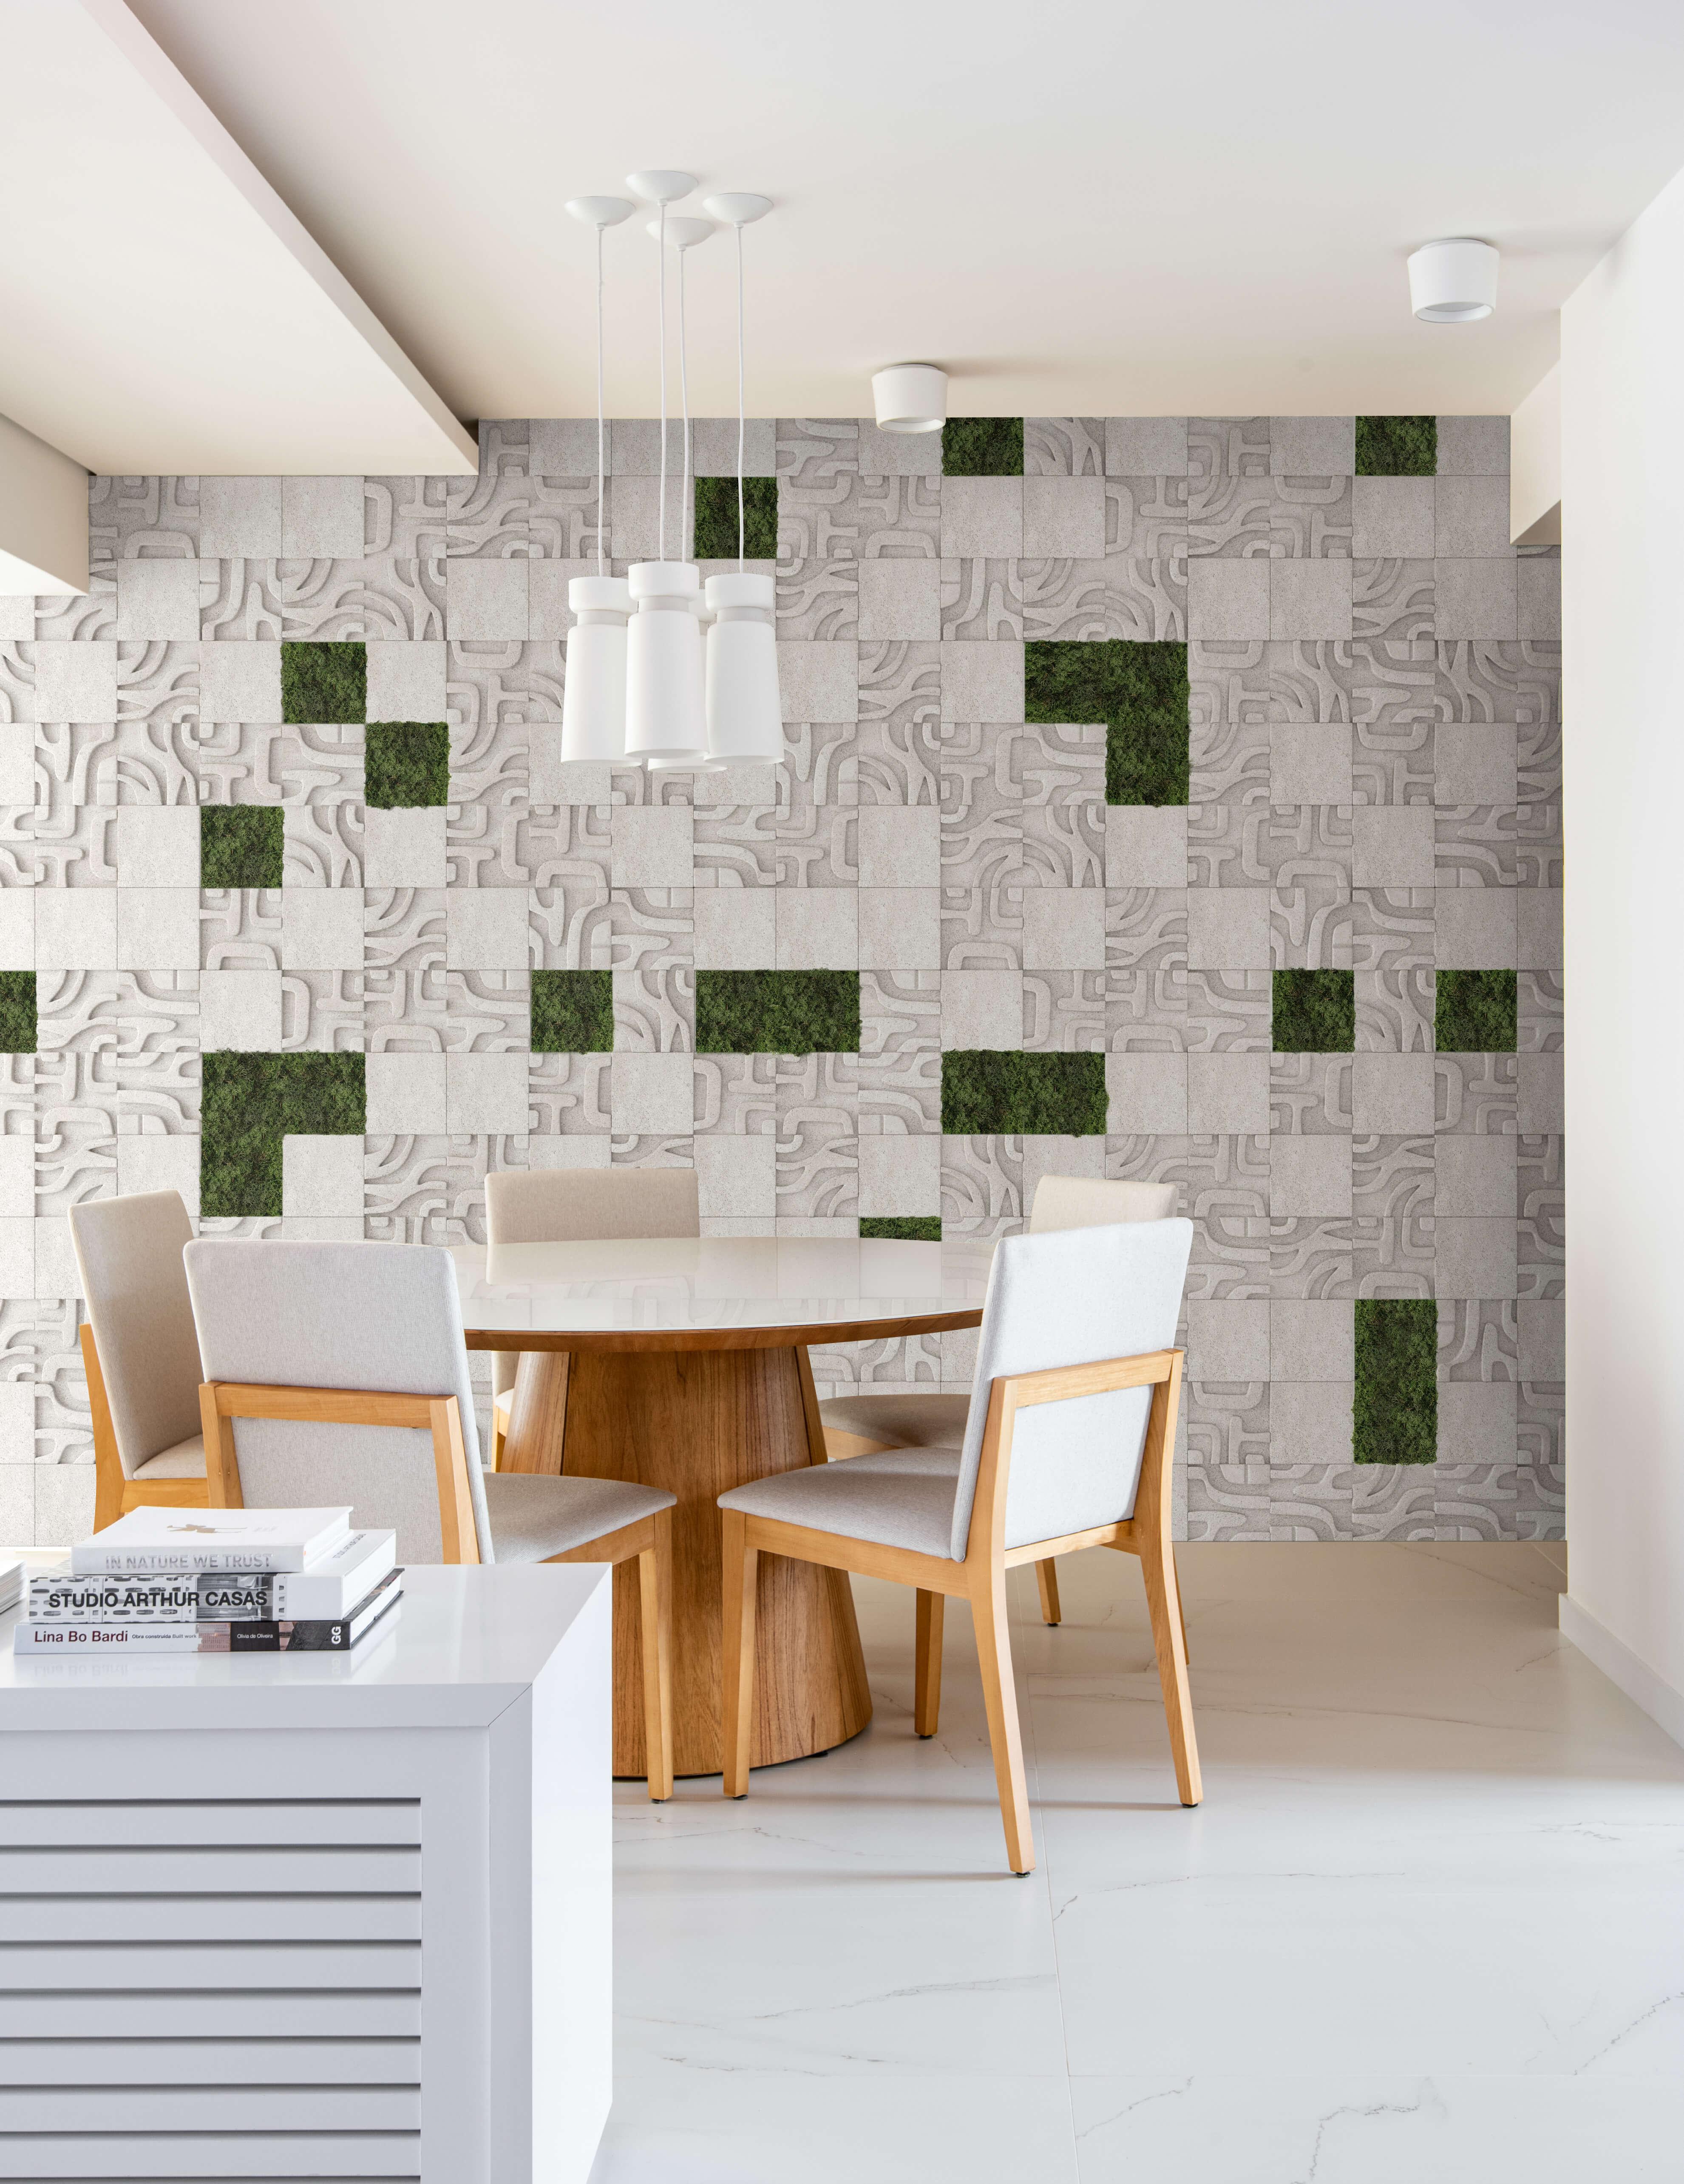 Tribu Grezzo - Moss verde bosque - Daniella Antunes e Gustavo Pigatto Arquitetura - Foto Favaro Jr.